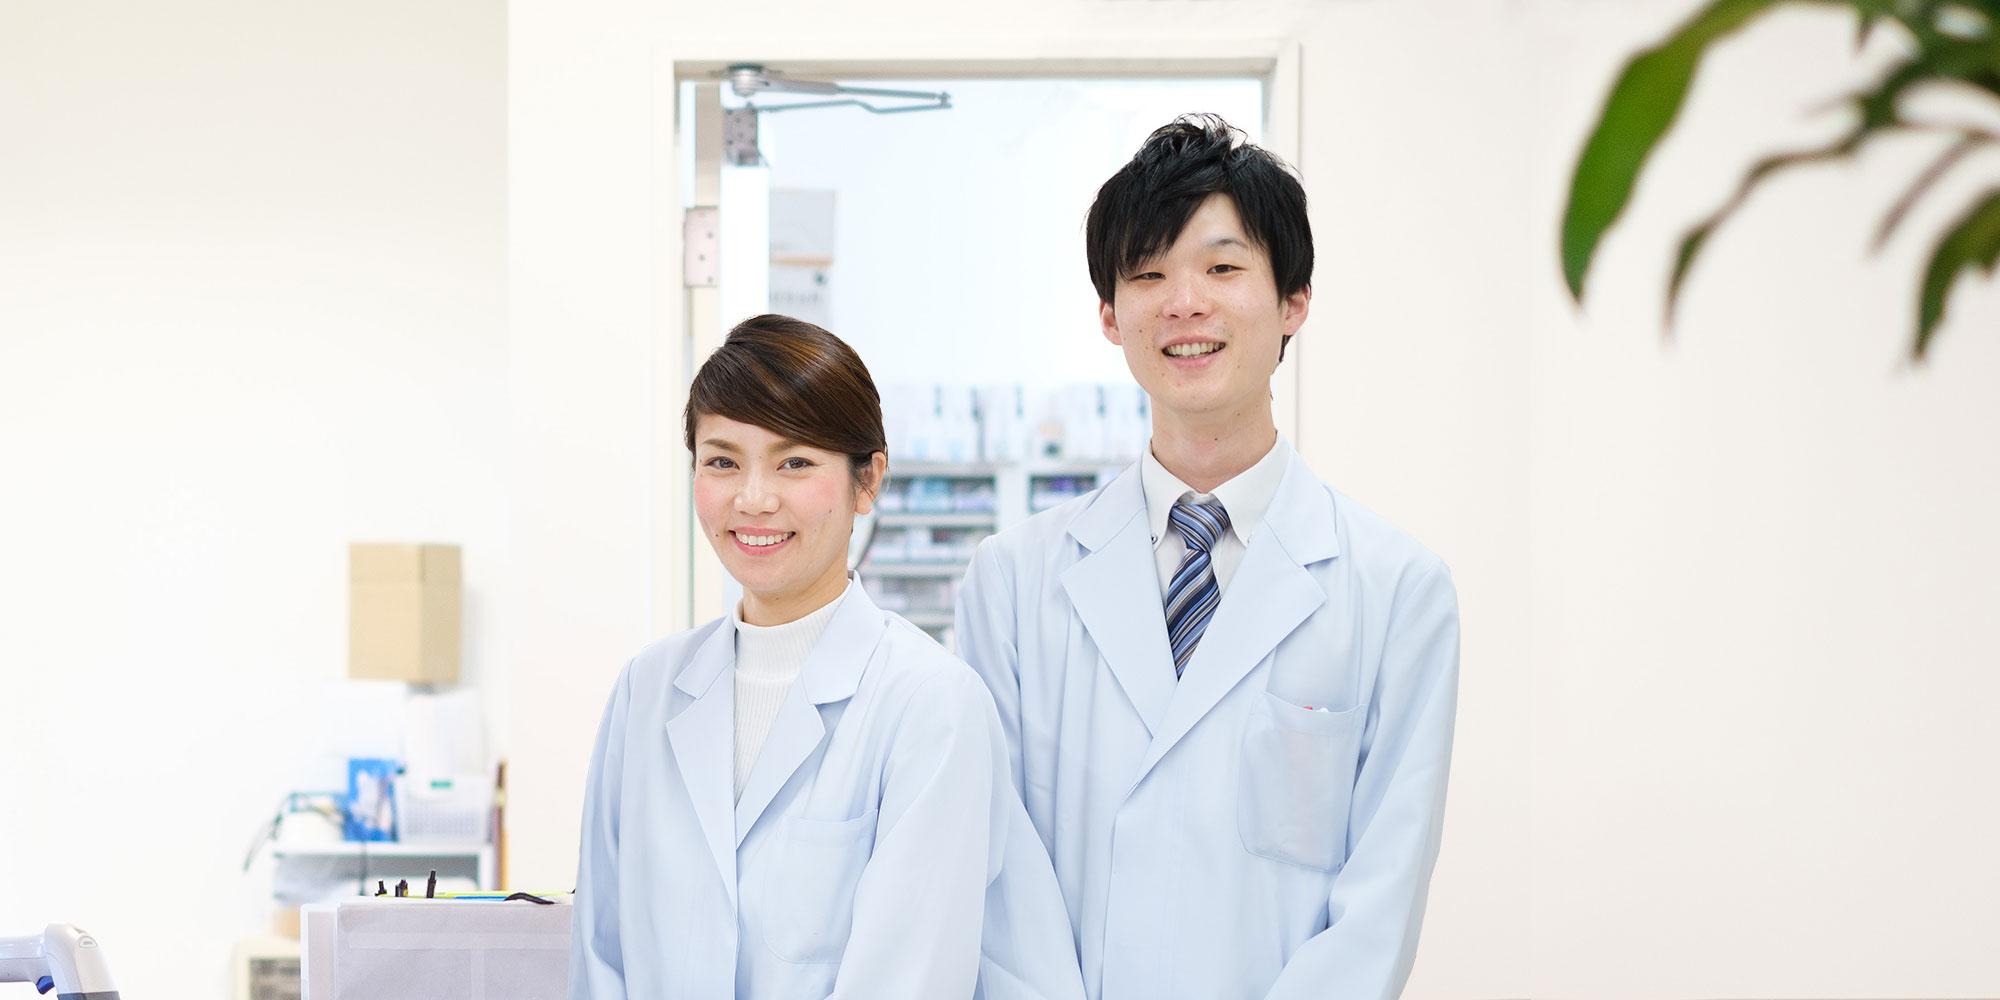 医療モール開発事業